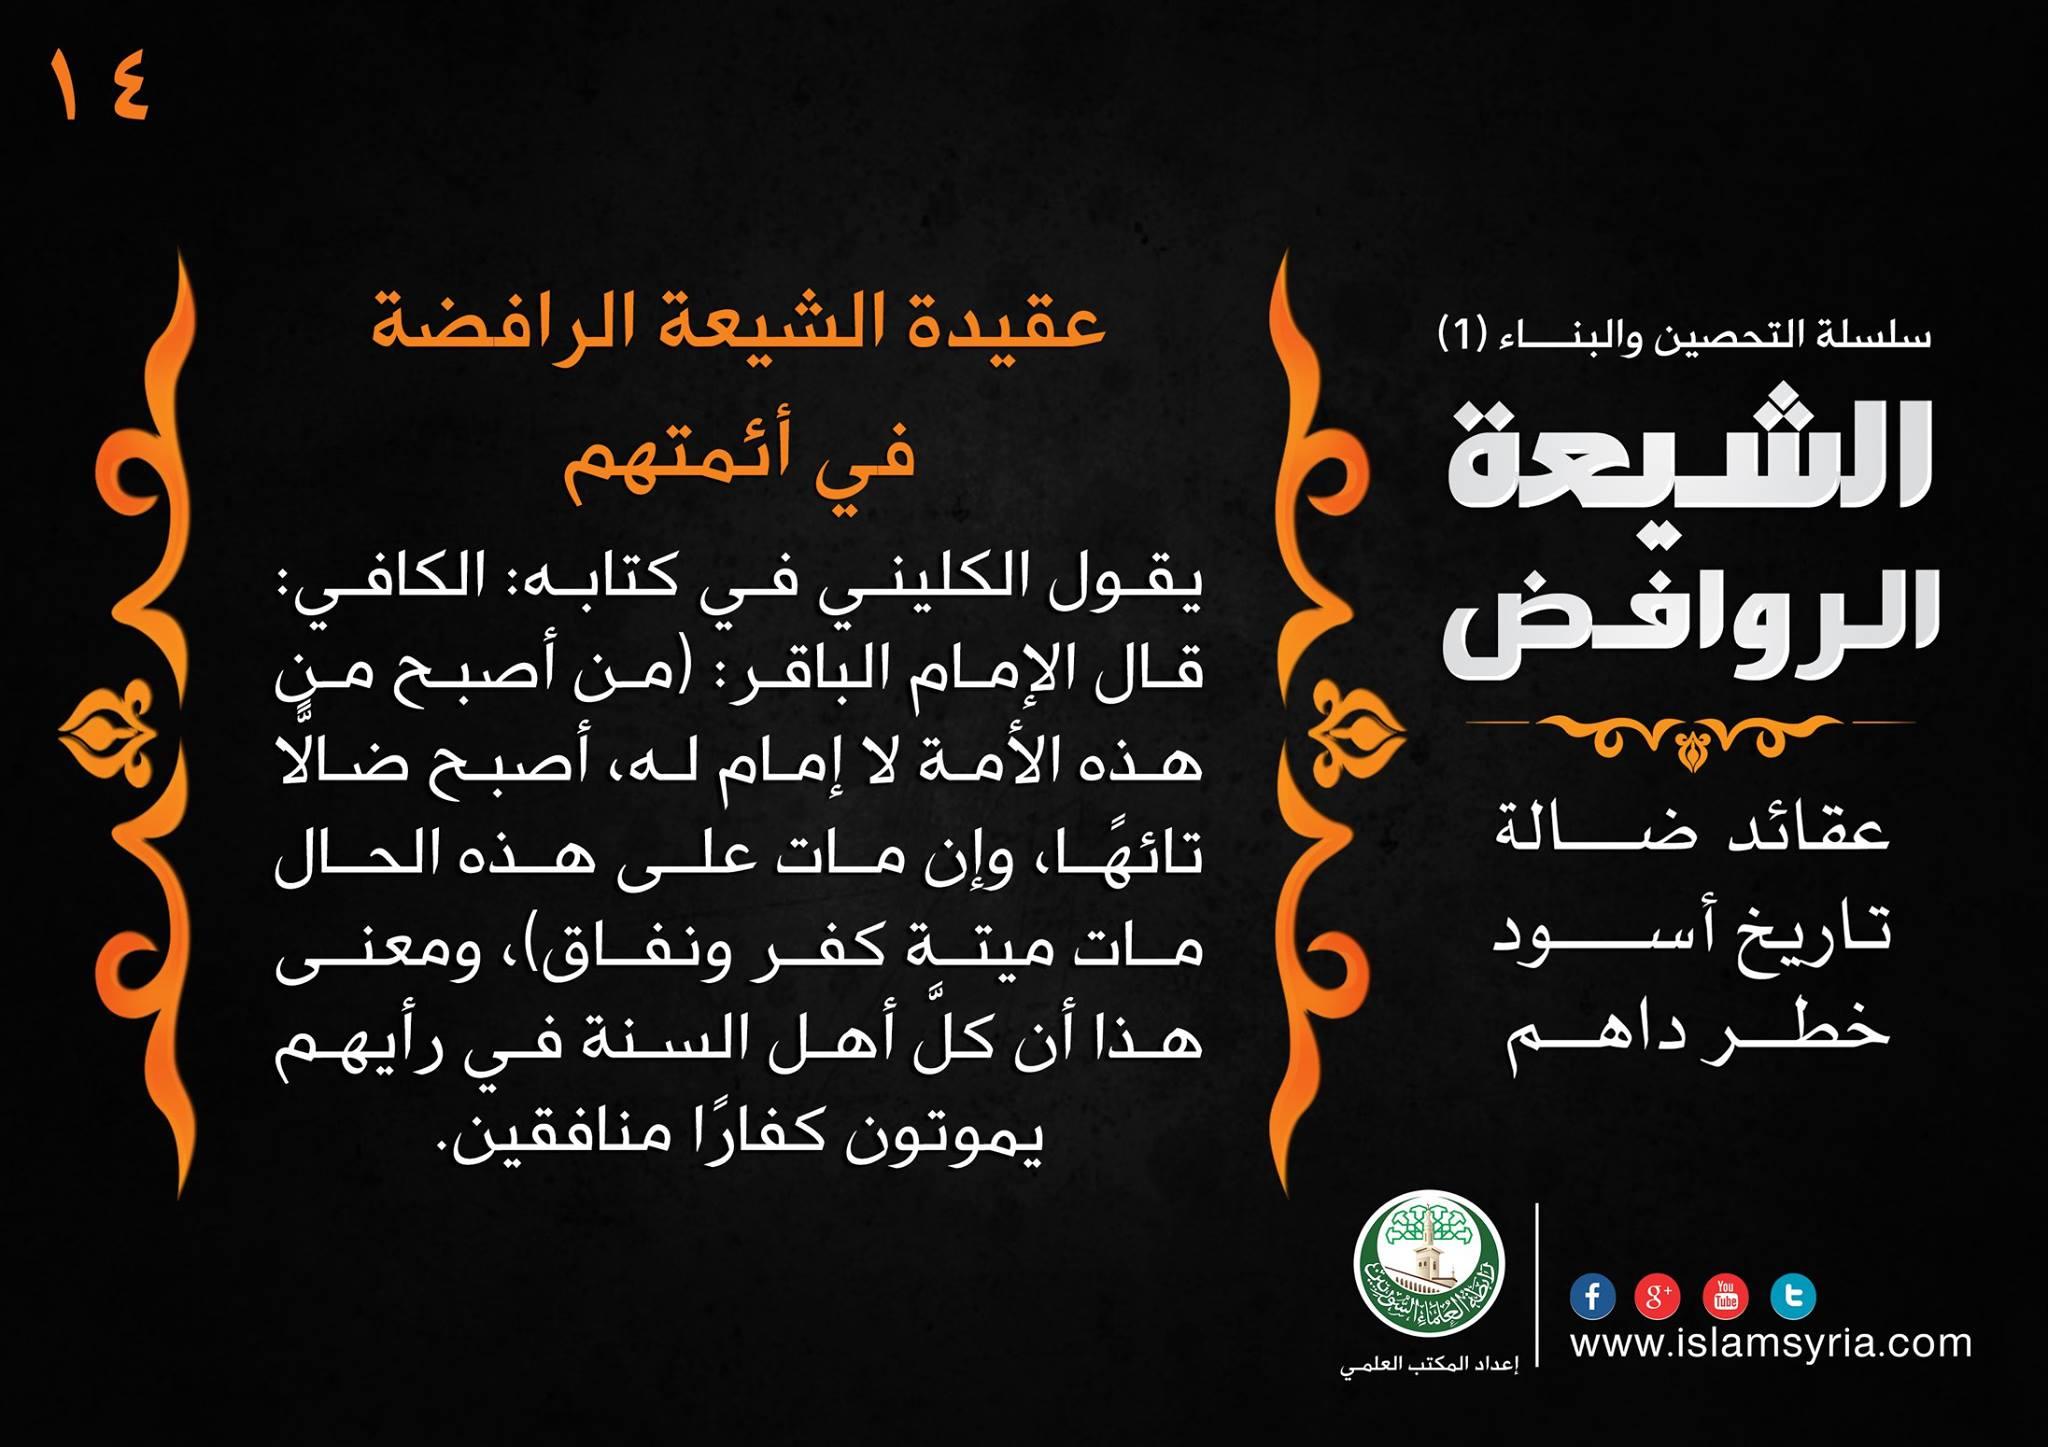 سلسلة التحصين والبناء -14- الشيعة الروافض